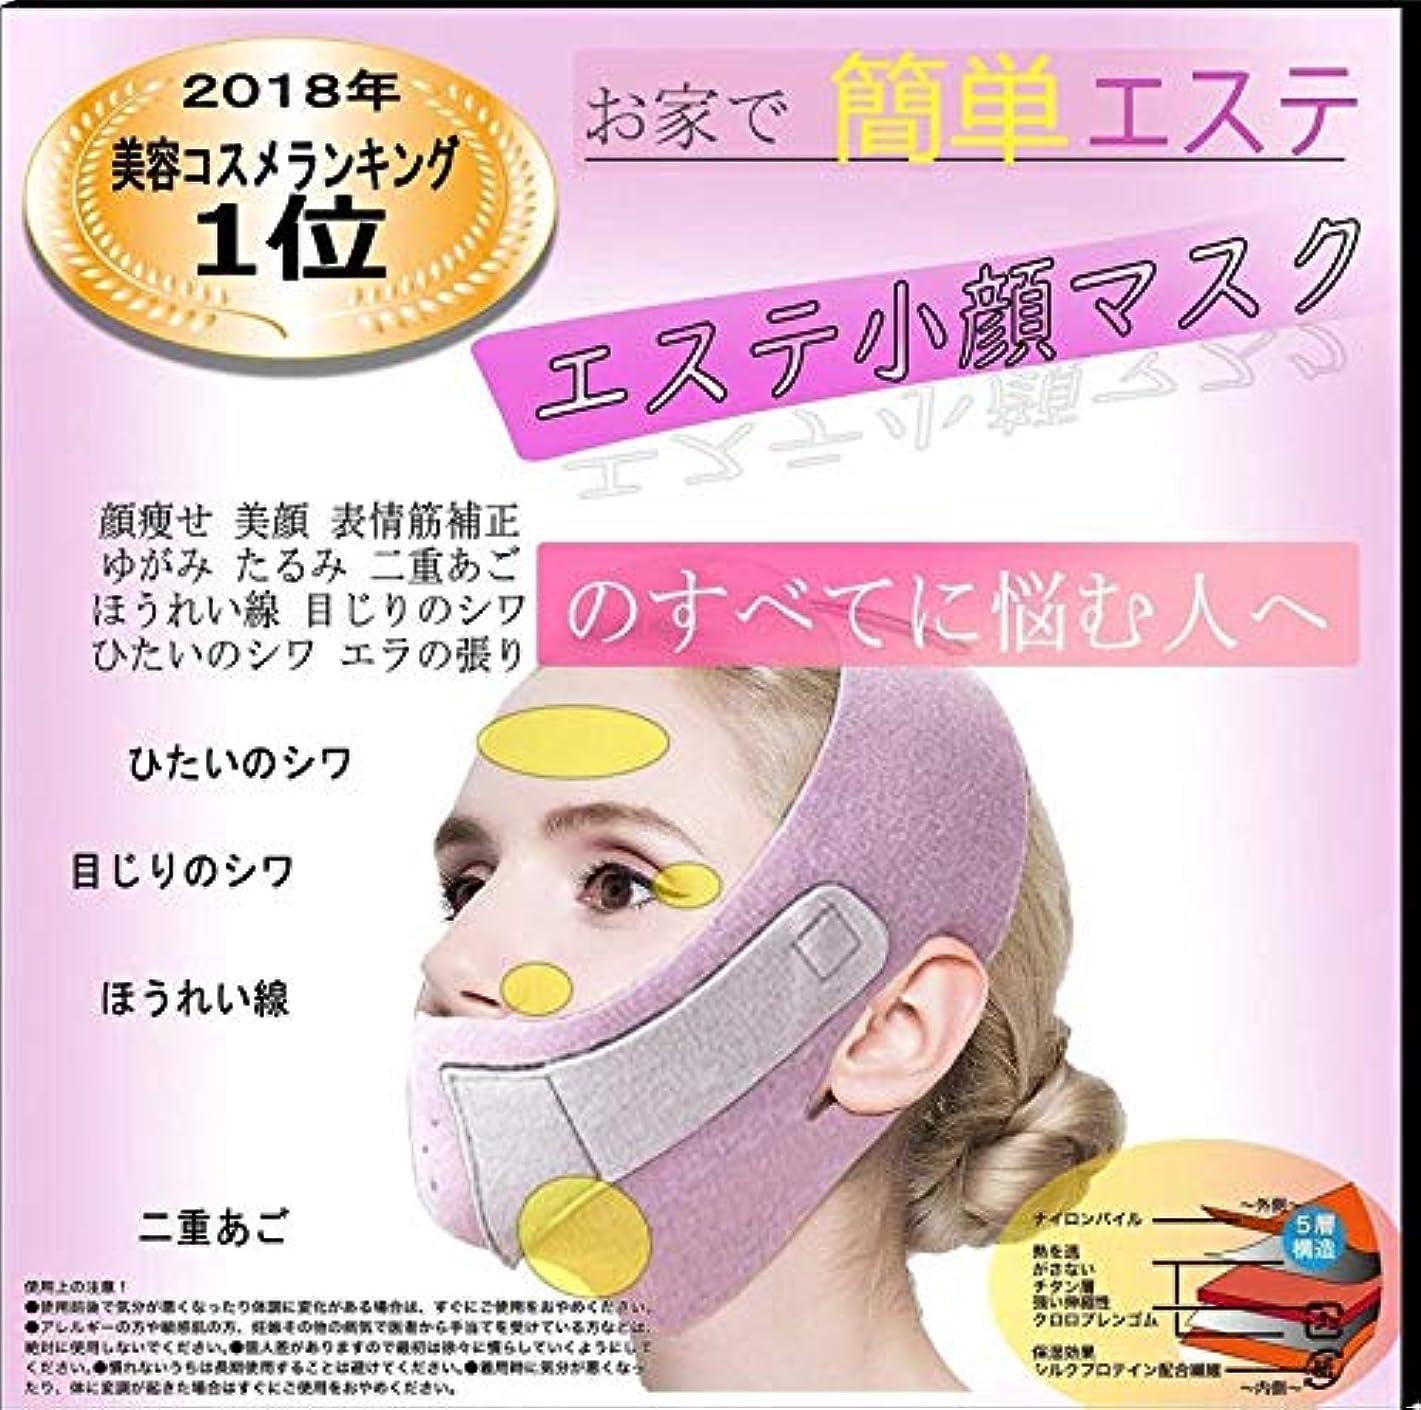 規制促すモーテルフェイスラインベルト 引き上げマスク 弾力V-ラインマスク 引っ張る 額、顎下、頬リフトアップ 小顔 美顔 矯正 顔痩せ 最新型 小顔マスク 豊齢線予防 頬のたるみ 抗シワ 美顔 Lサイズ ピンク